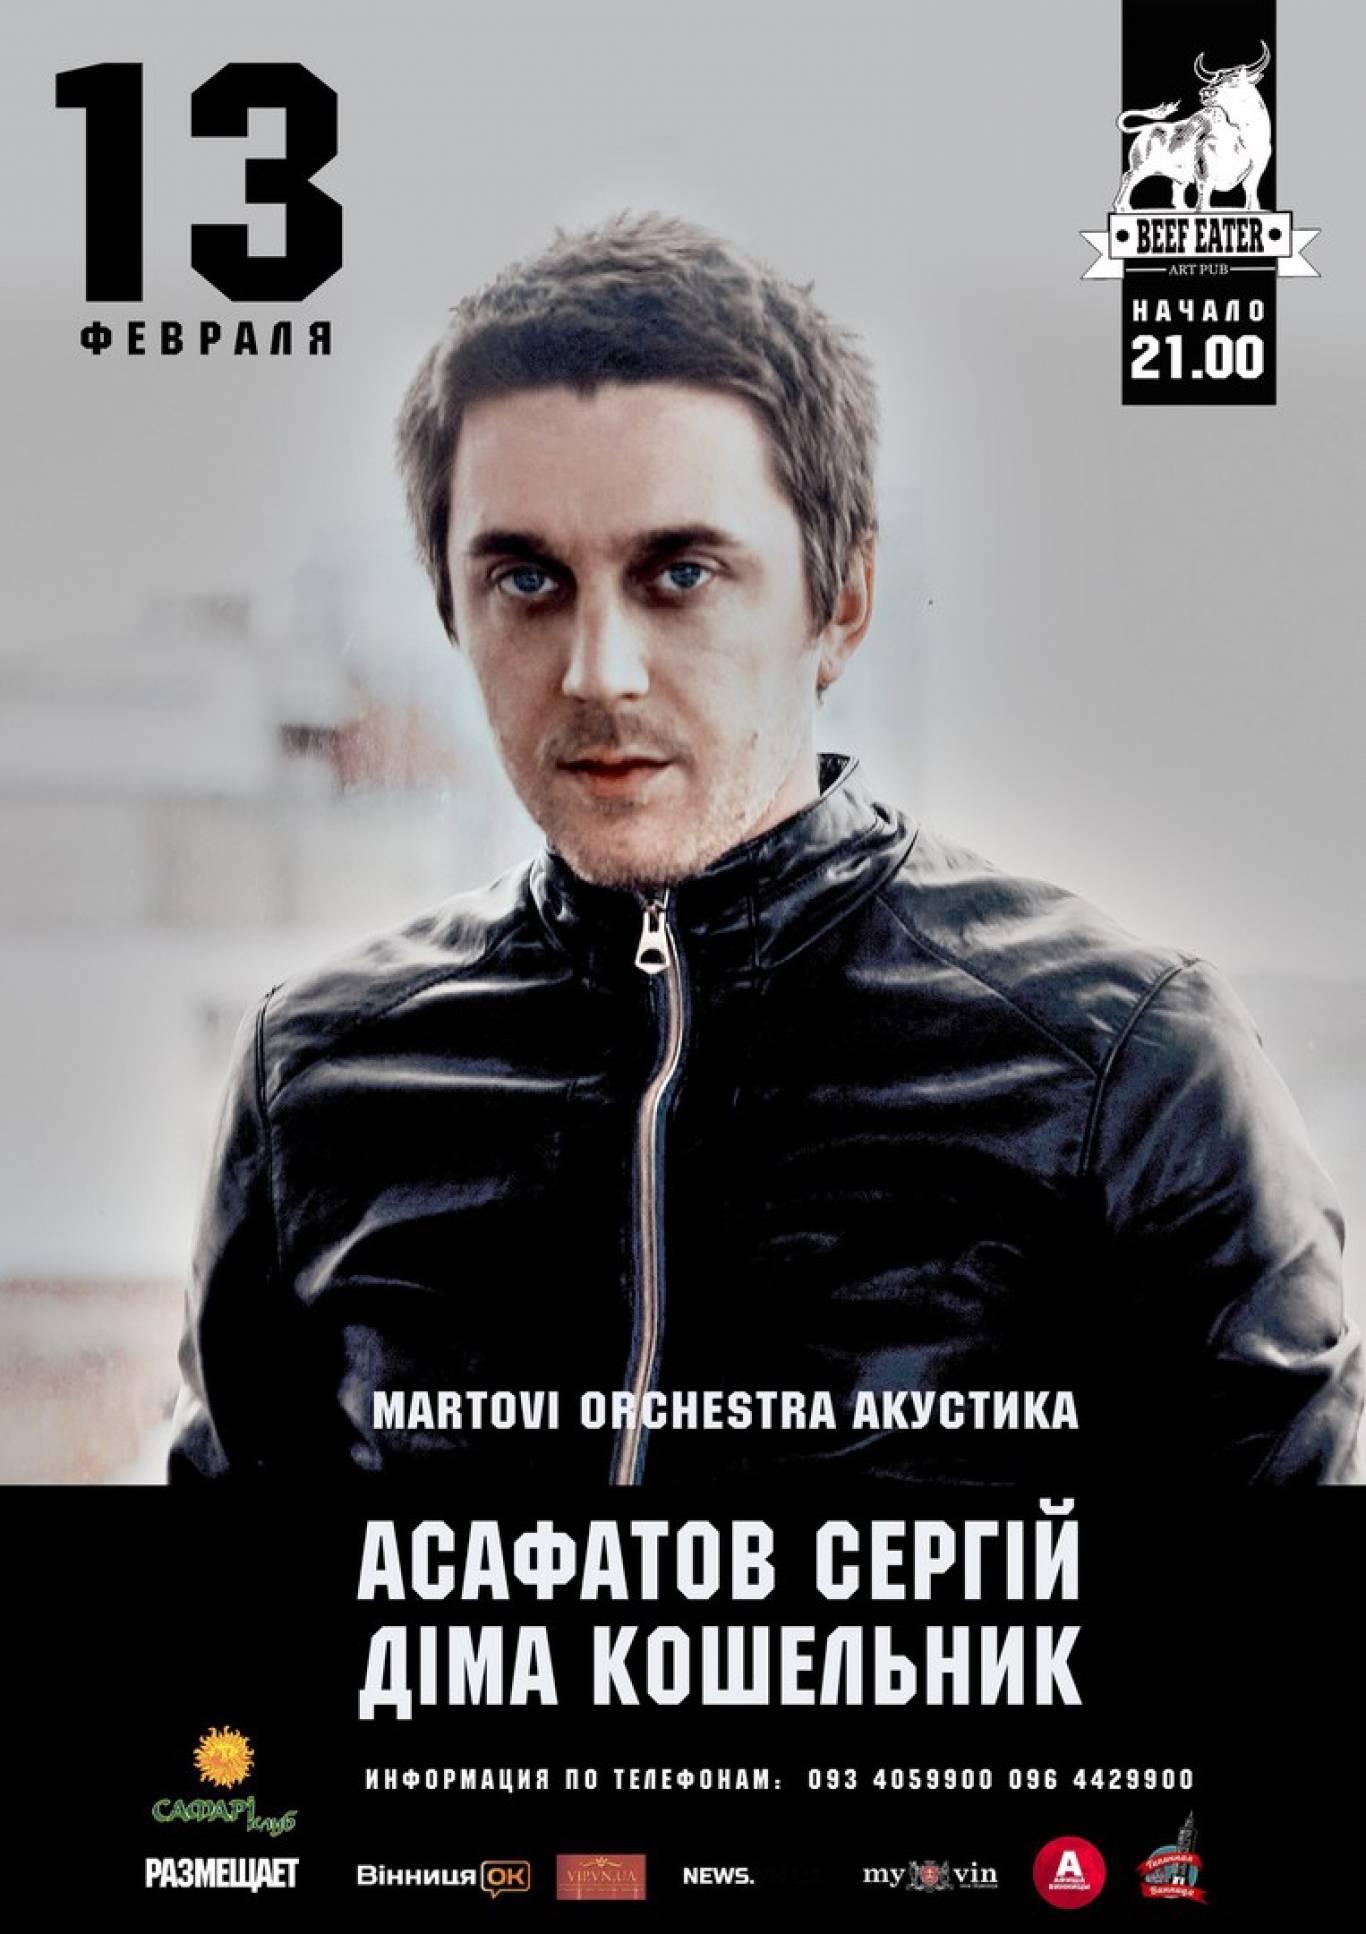 Сергій Асафатов та Діма Кошельник презентують акустичний проект